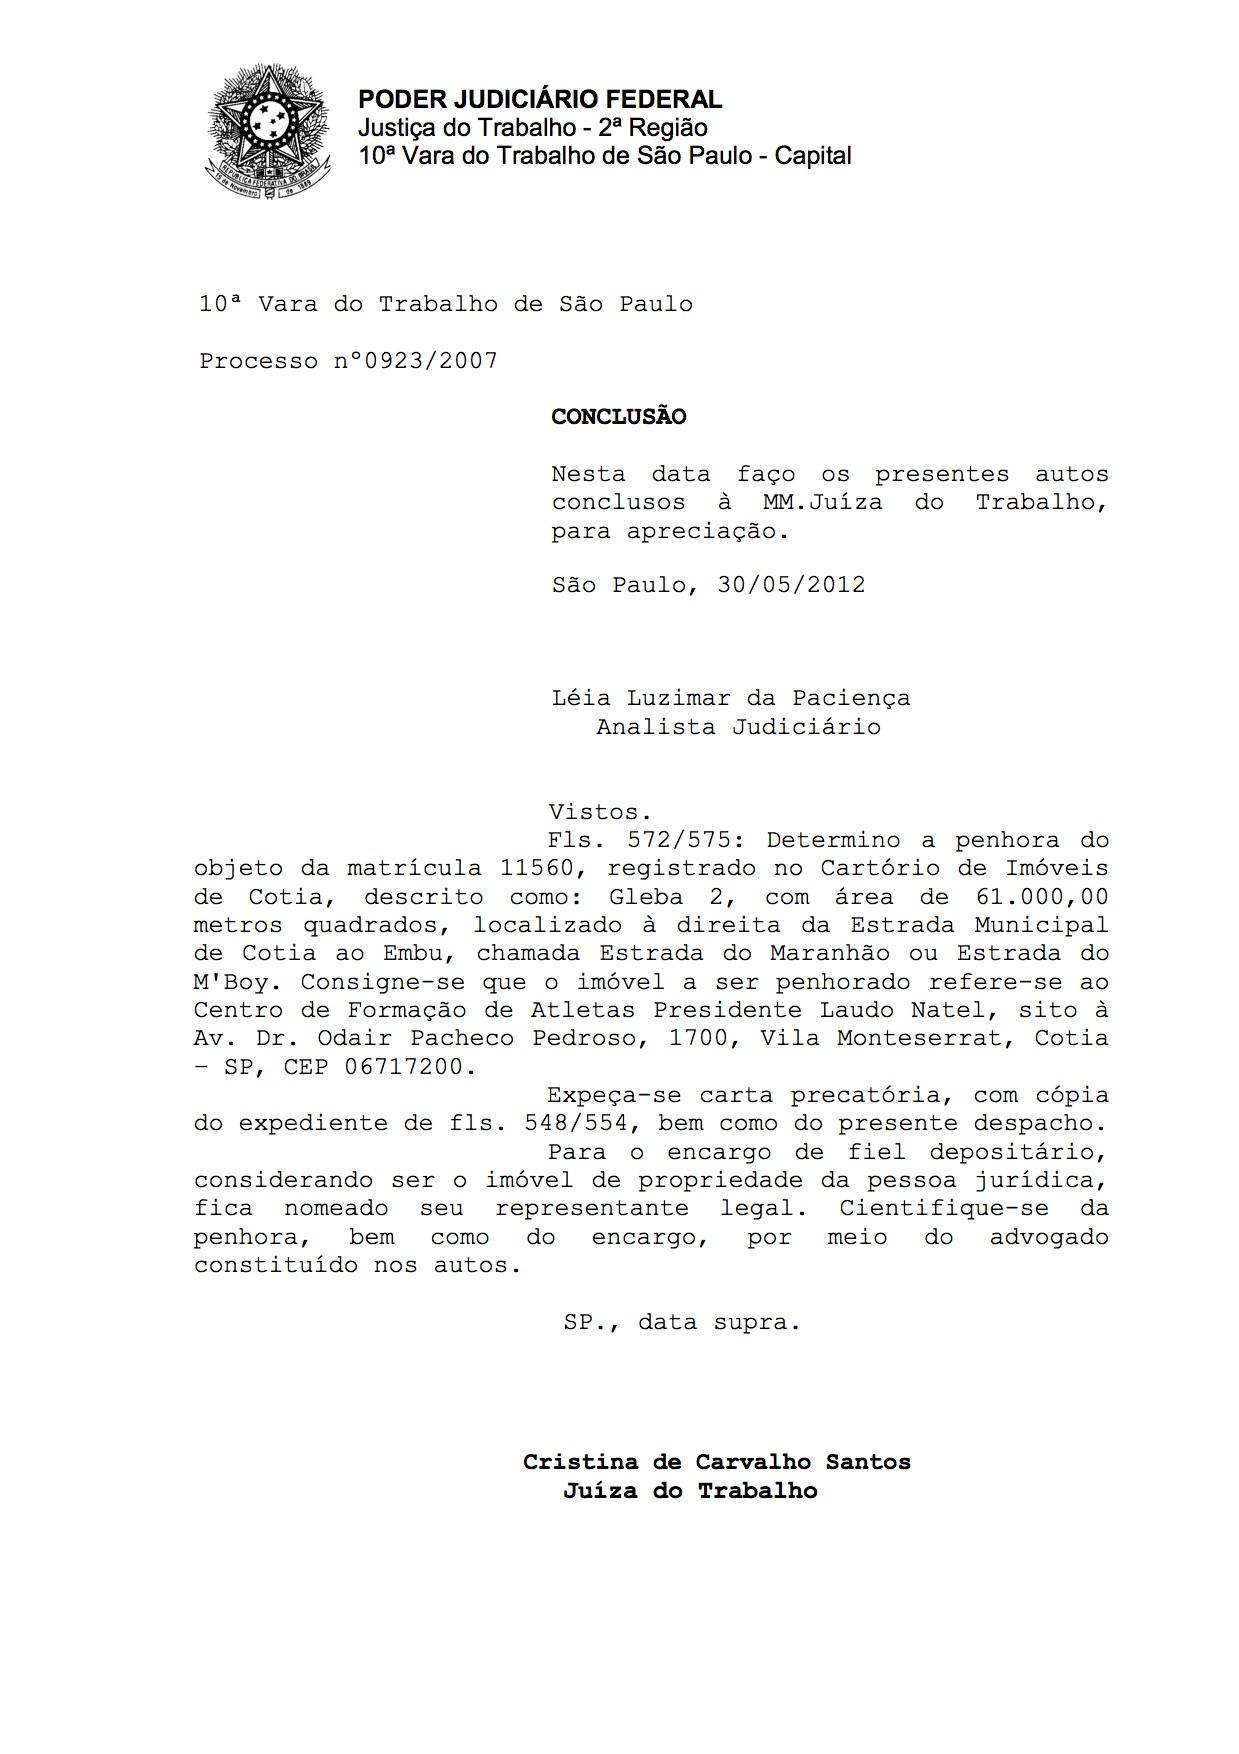 Decisão da penhora em 2012